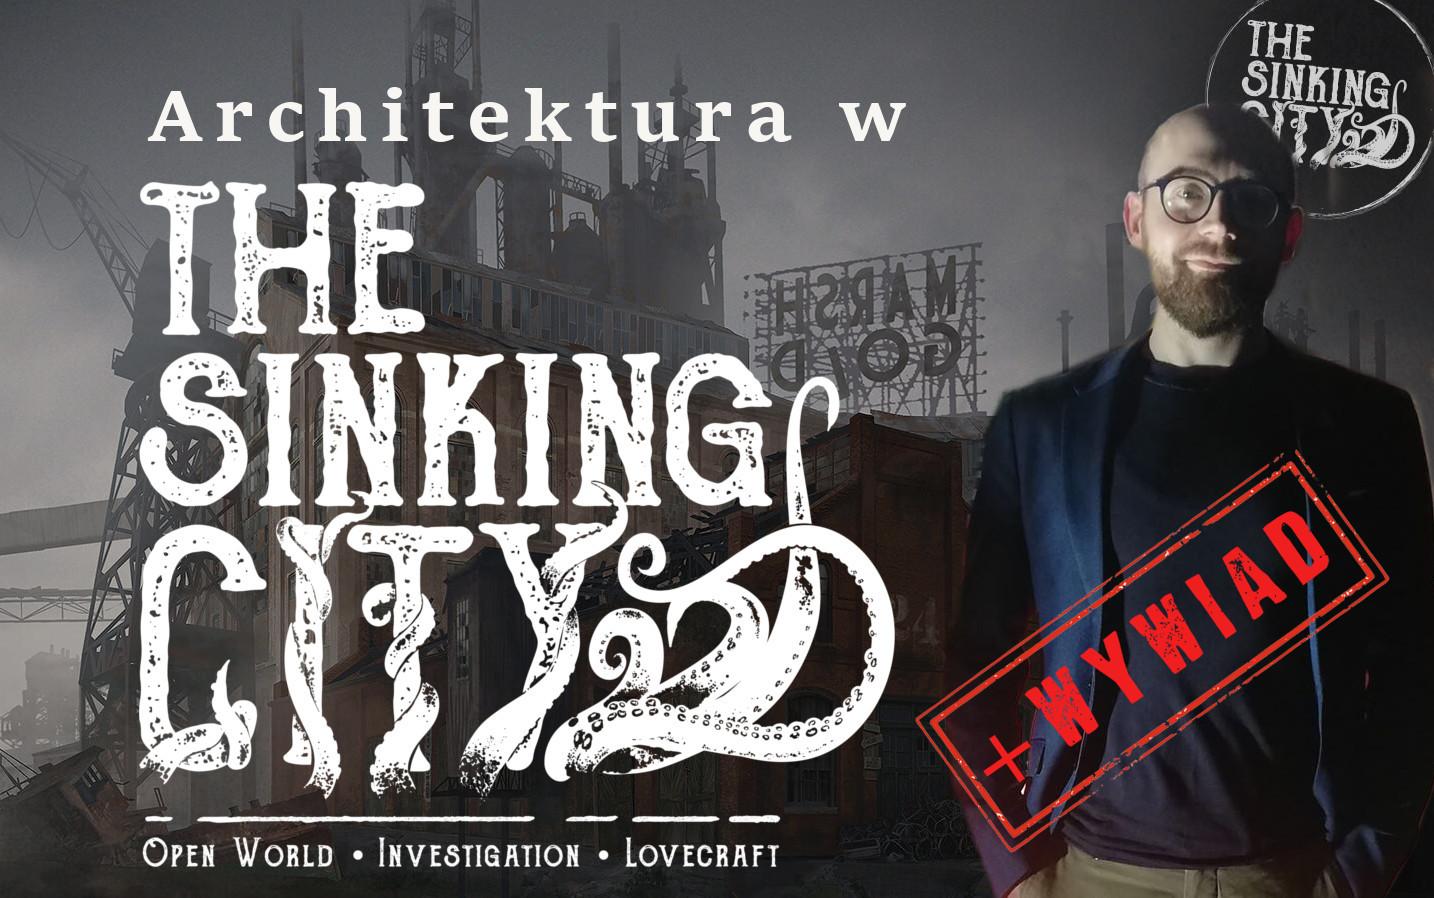 Architektura w Sinking City + wywiad z Kataryną Frolovą